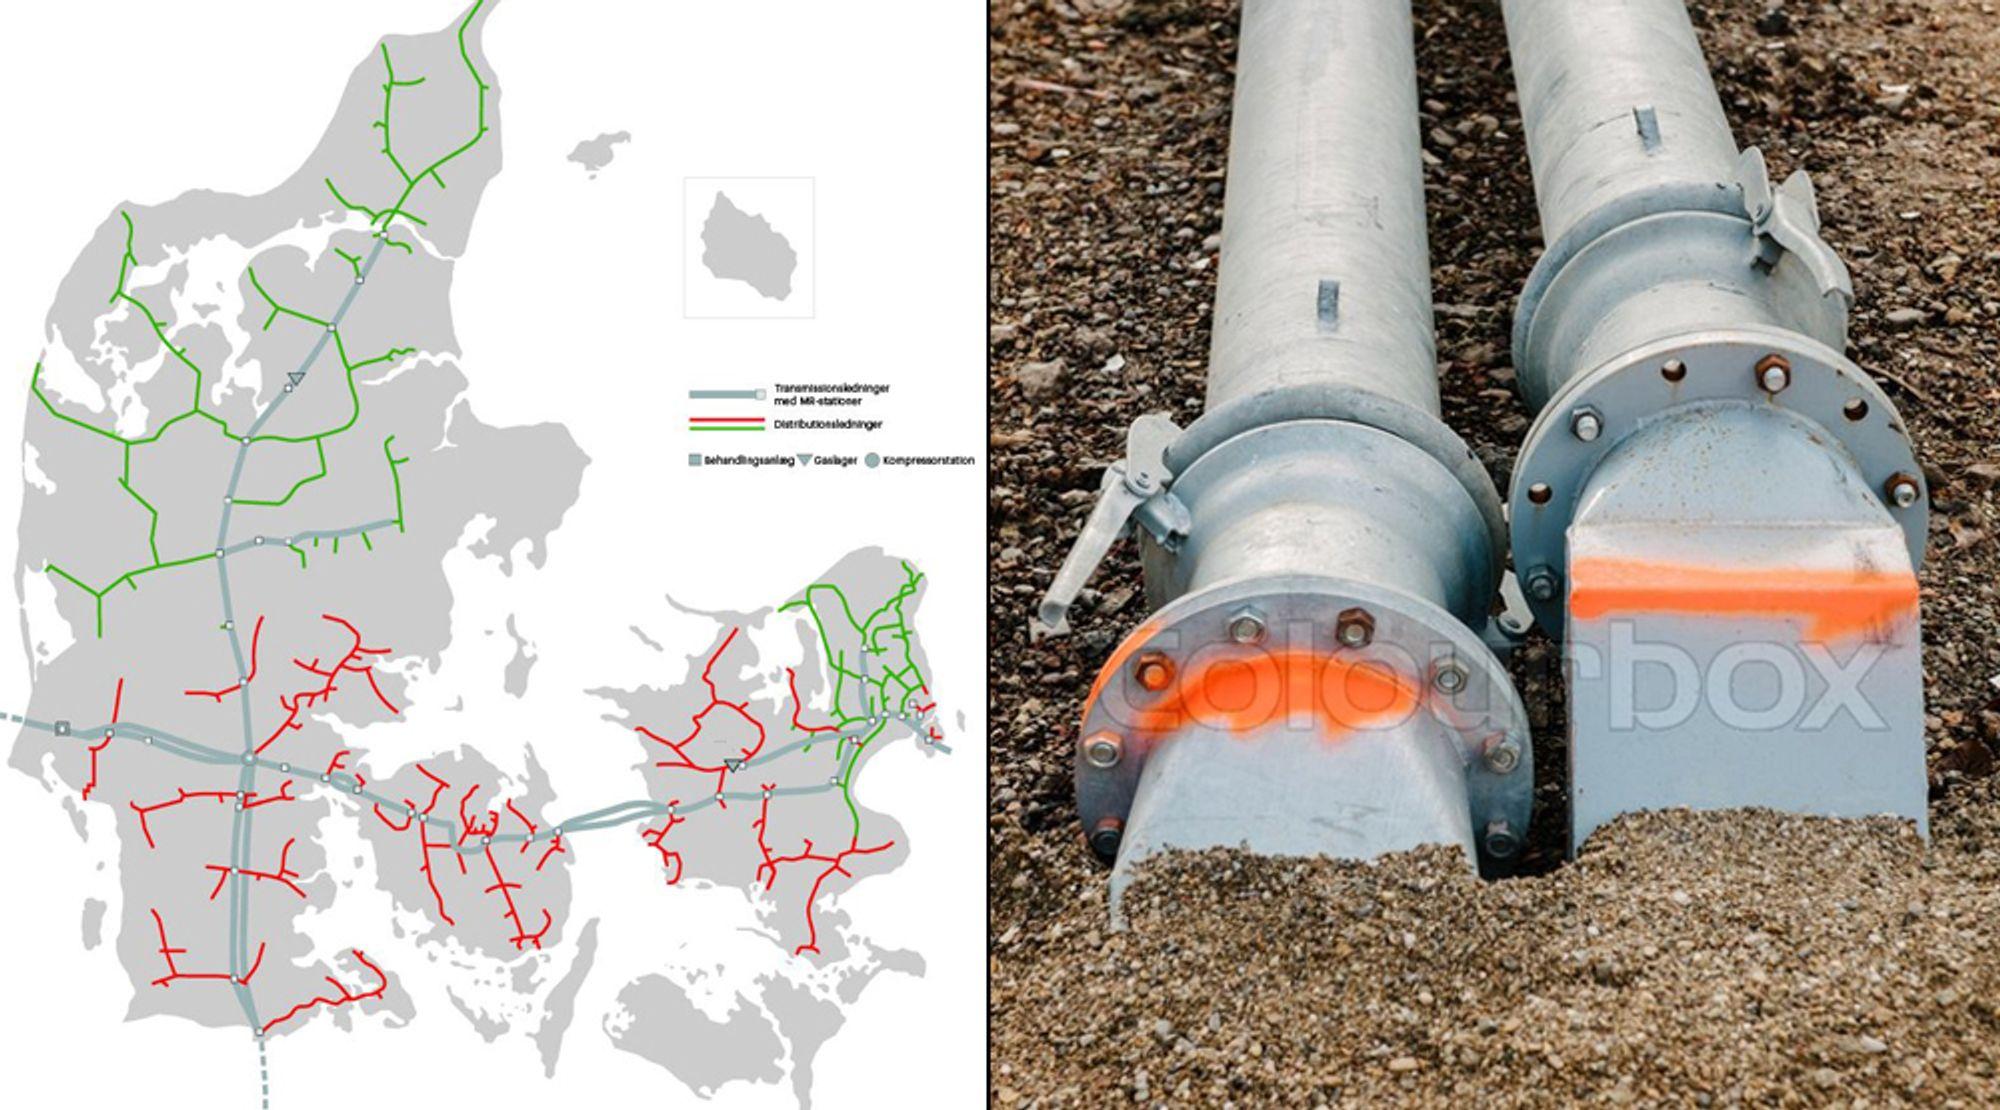 Professor i energiplanlegging, Brian Vad Mathiesen fra Aalborg Universitet, mener formålsparagrafen til det danske statsselskapet Energinet må skrives om og tilpasses mer til dagens behov.